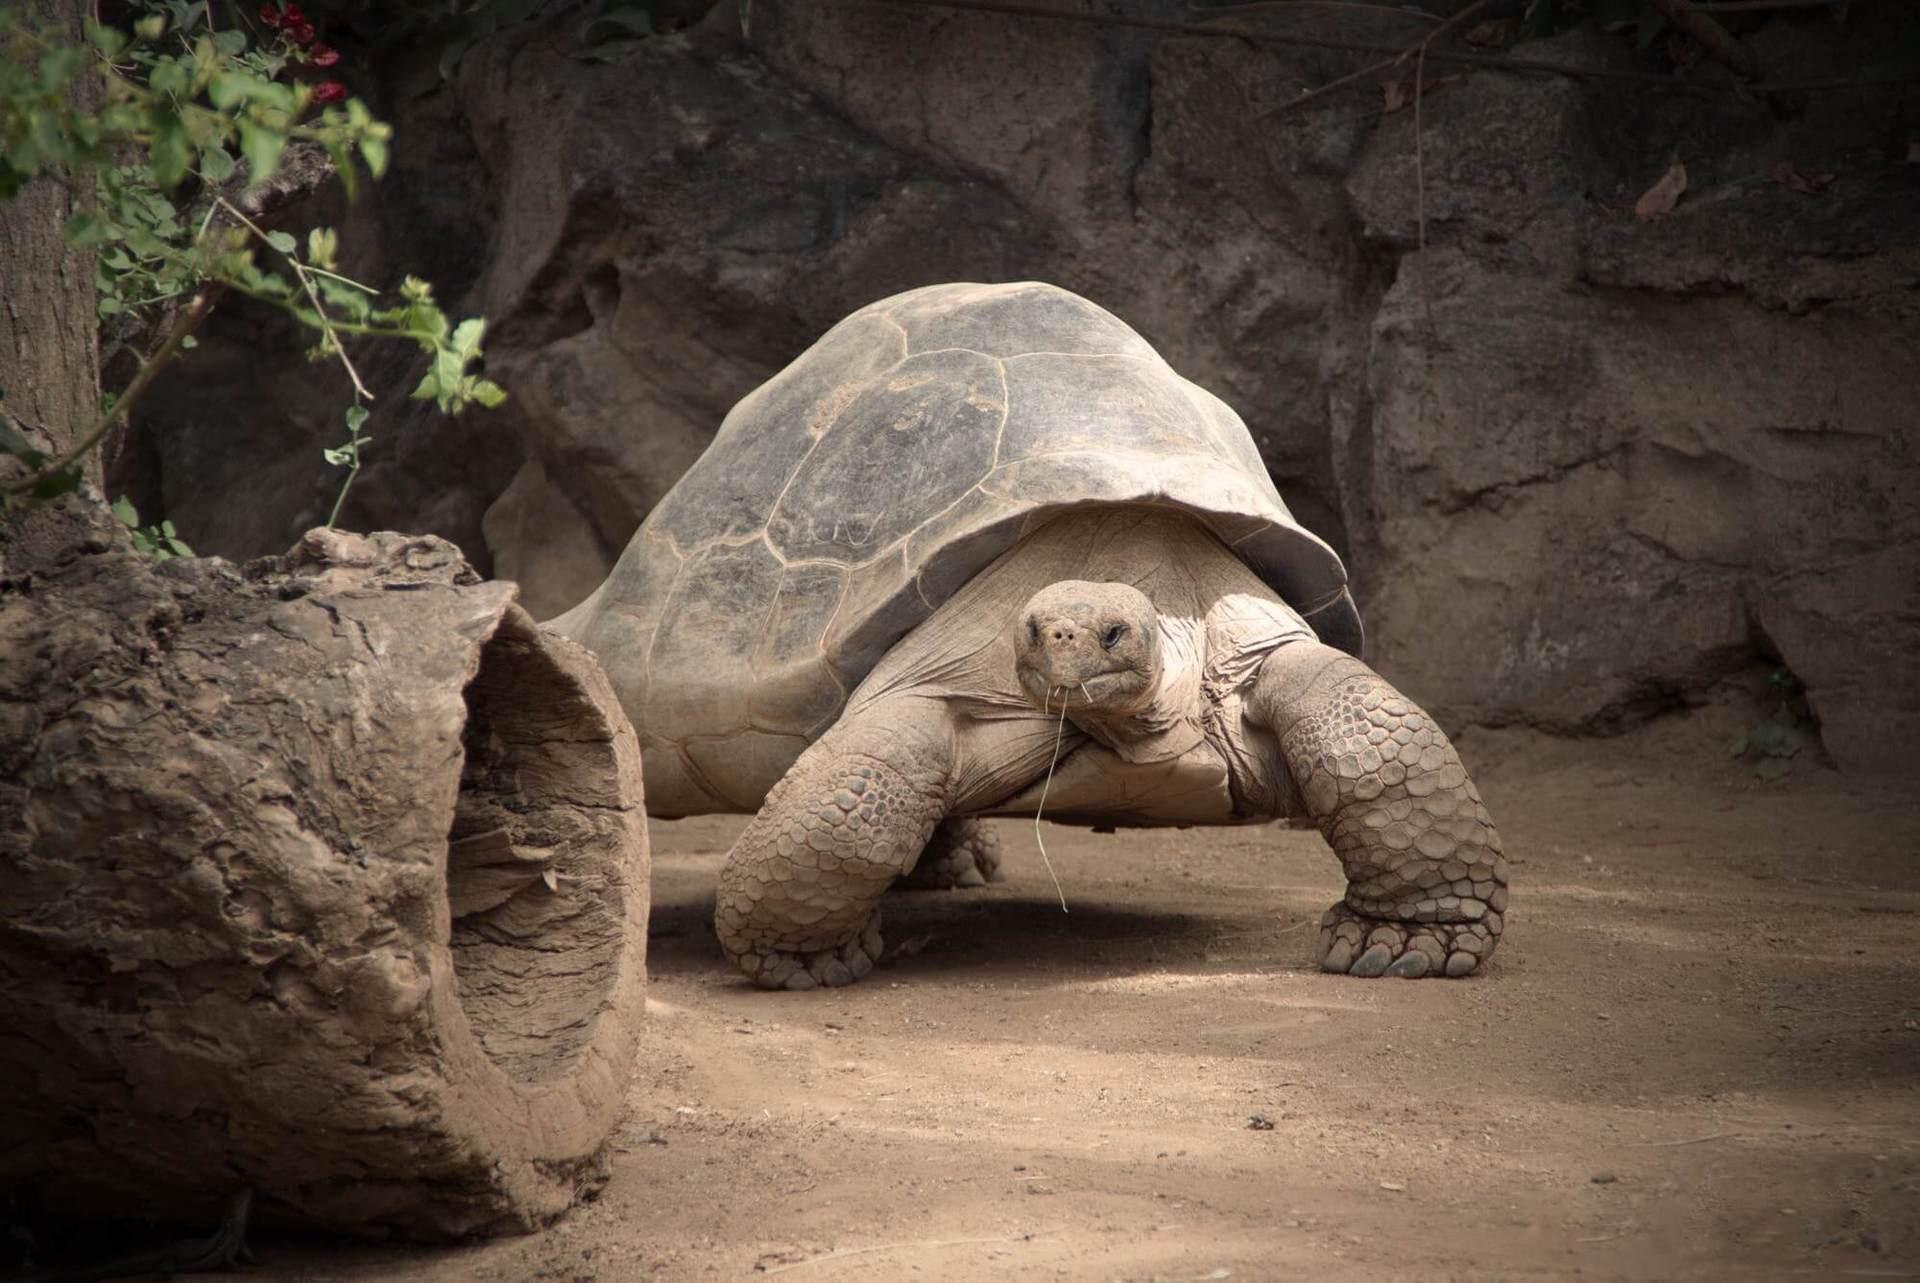 На пароме можно добраться до острова Кюрьёз, где проживает 500 гигантских сухопутных черепах, а также к острову Ла-Диг, известного своими уединенными пляжами.